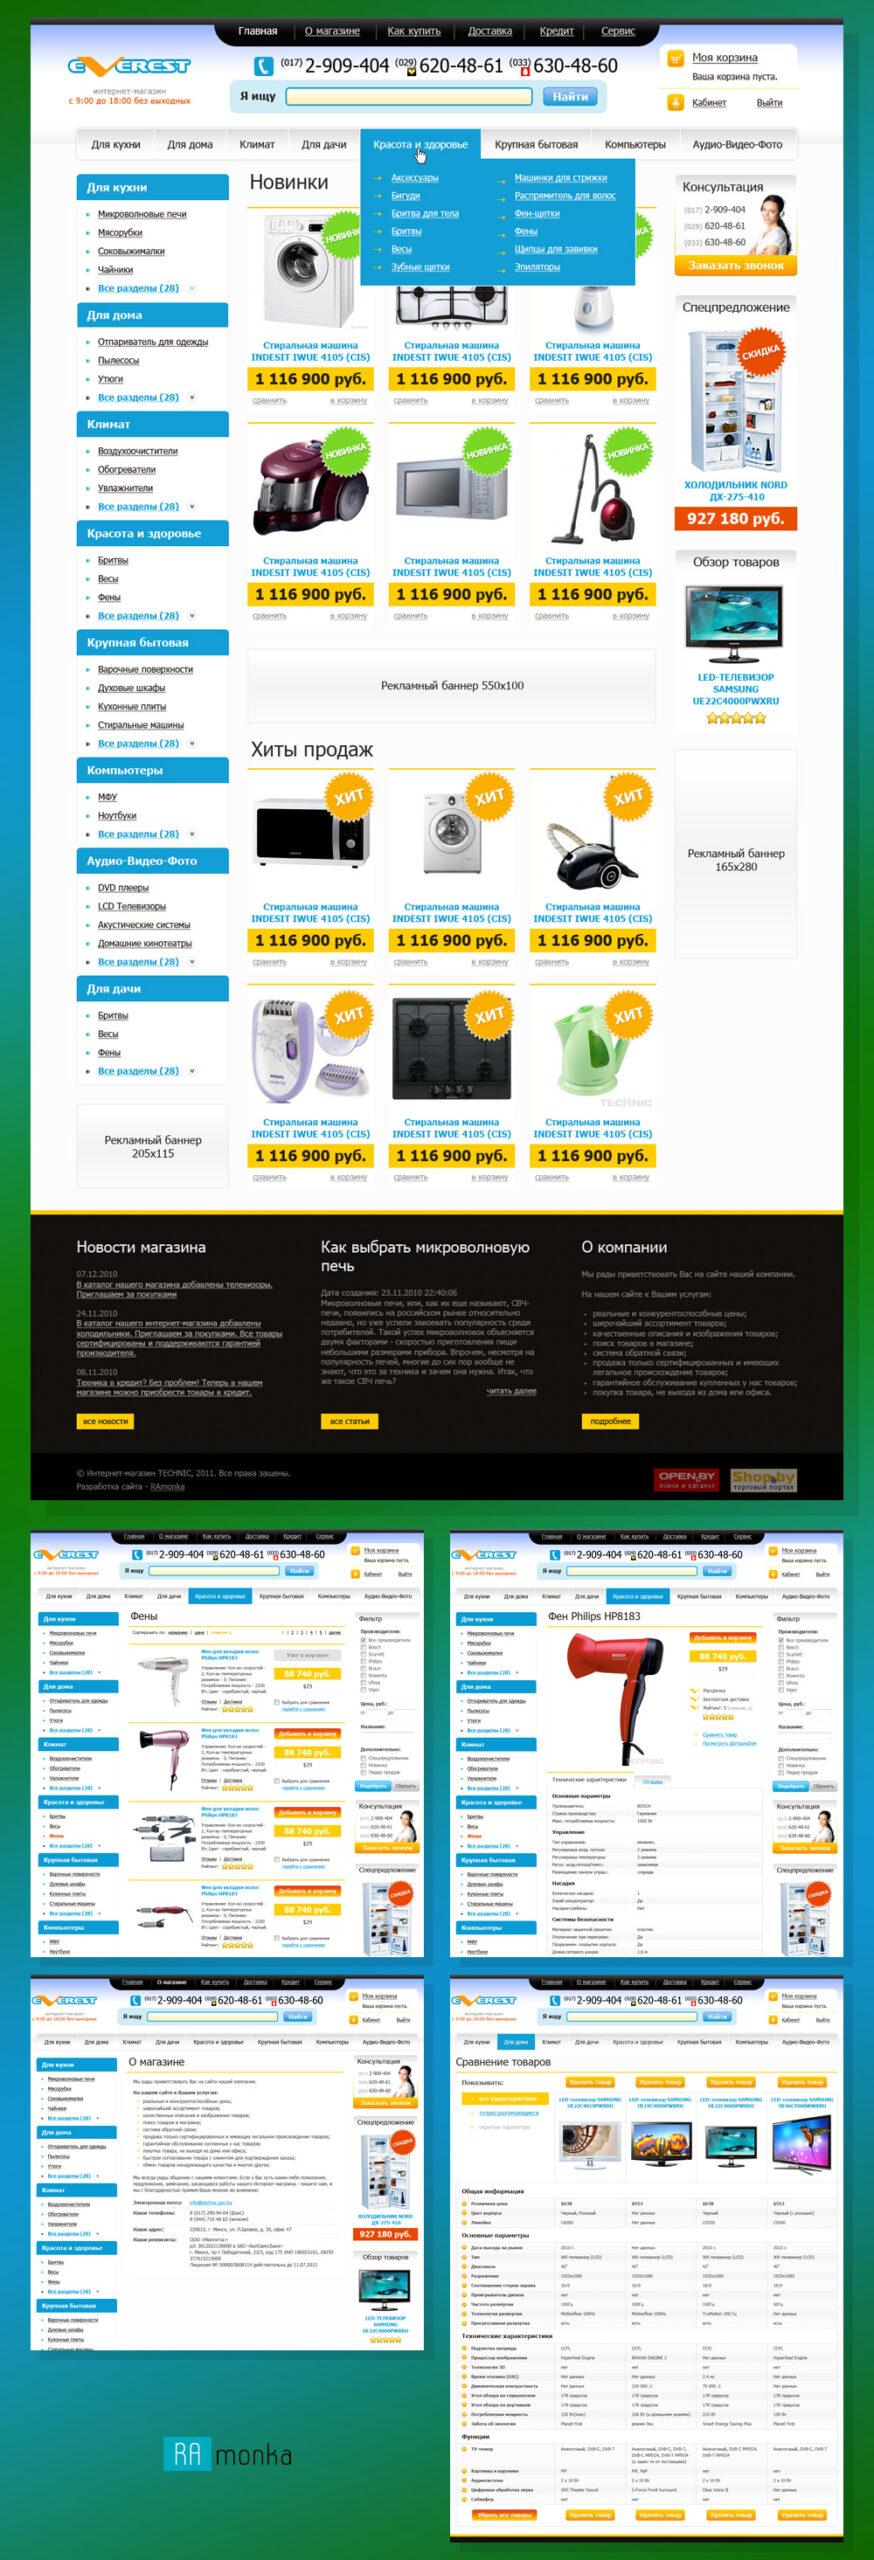 Разработка сайта под ключ на CMS 1C-Битрикс для интернет-магазина бытовой техники Эверест